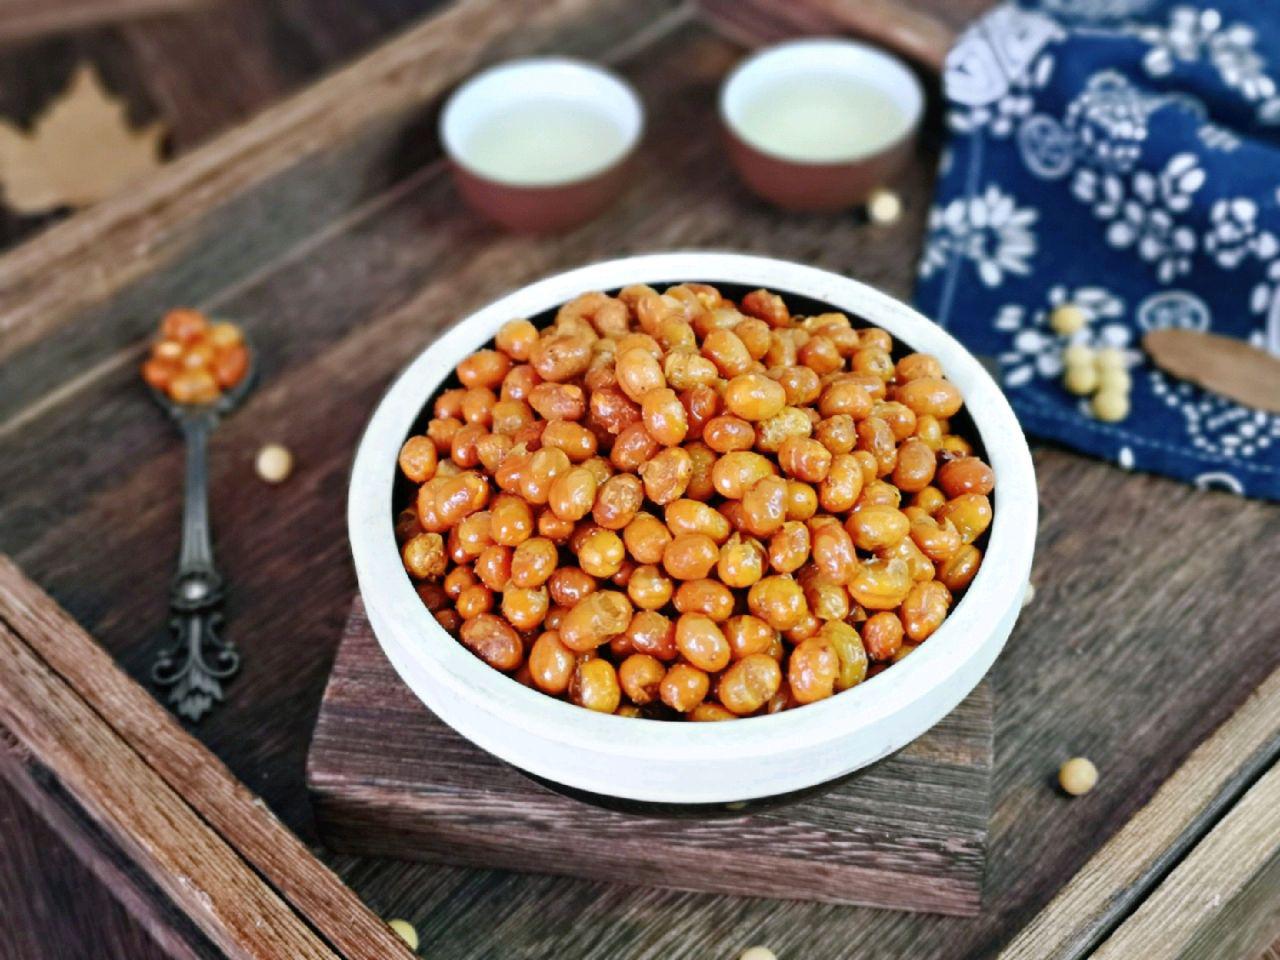 Trời lạnh làm đậu nành chiên giòn tẩm muối tiêu ăn cực ngon - Ảnh 5.